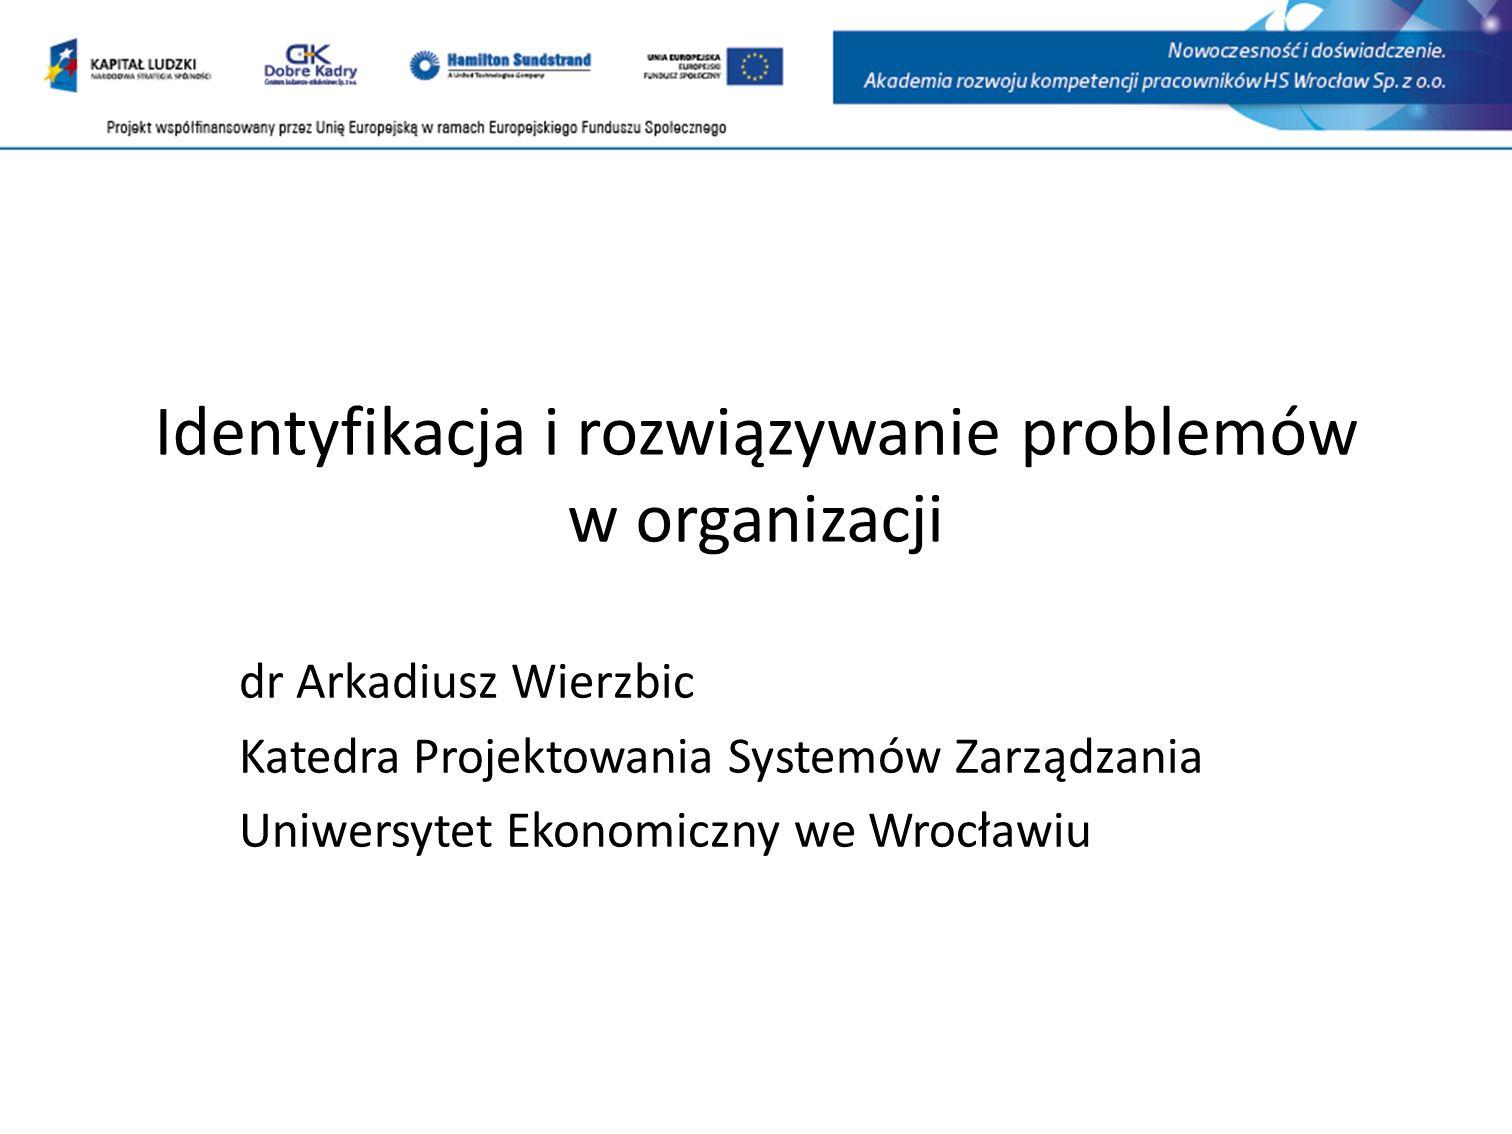 Identyfikacja i rozwiązywanie problemów w organizacji dr Arkadiusz Wierzbic Katedra Projektowania Systemów Zarządzania Uniwersytet Ekonomiczny we Wrocławiu